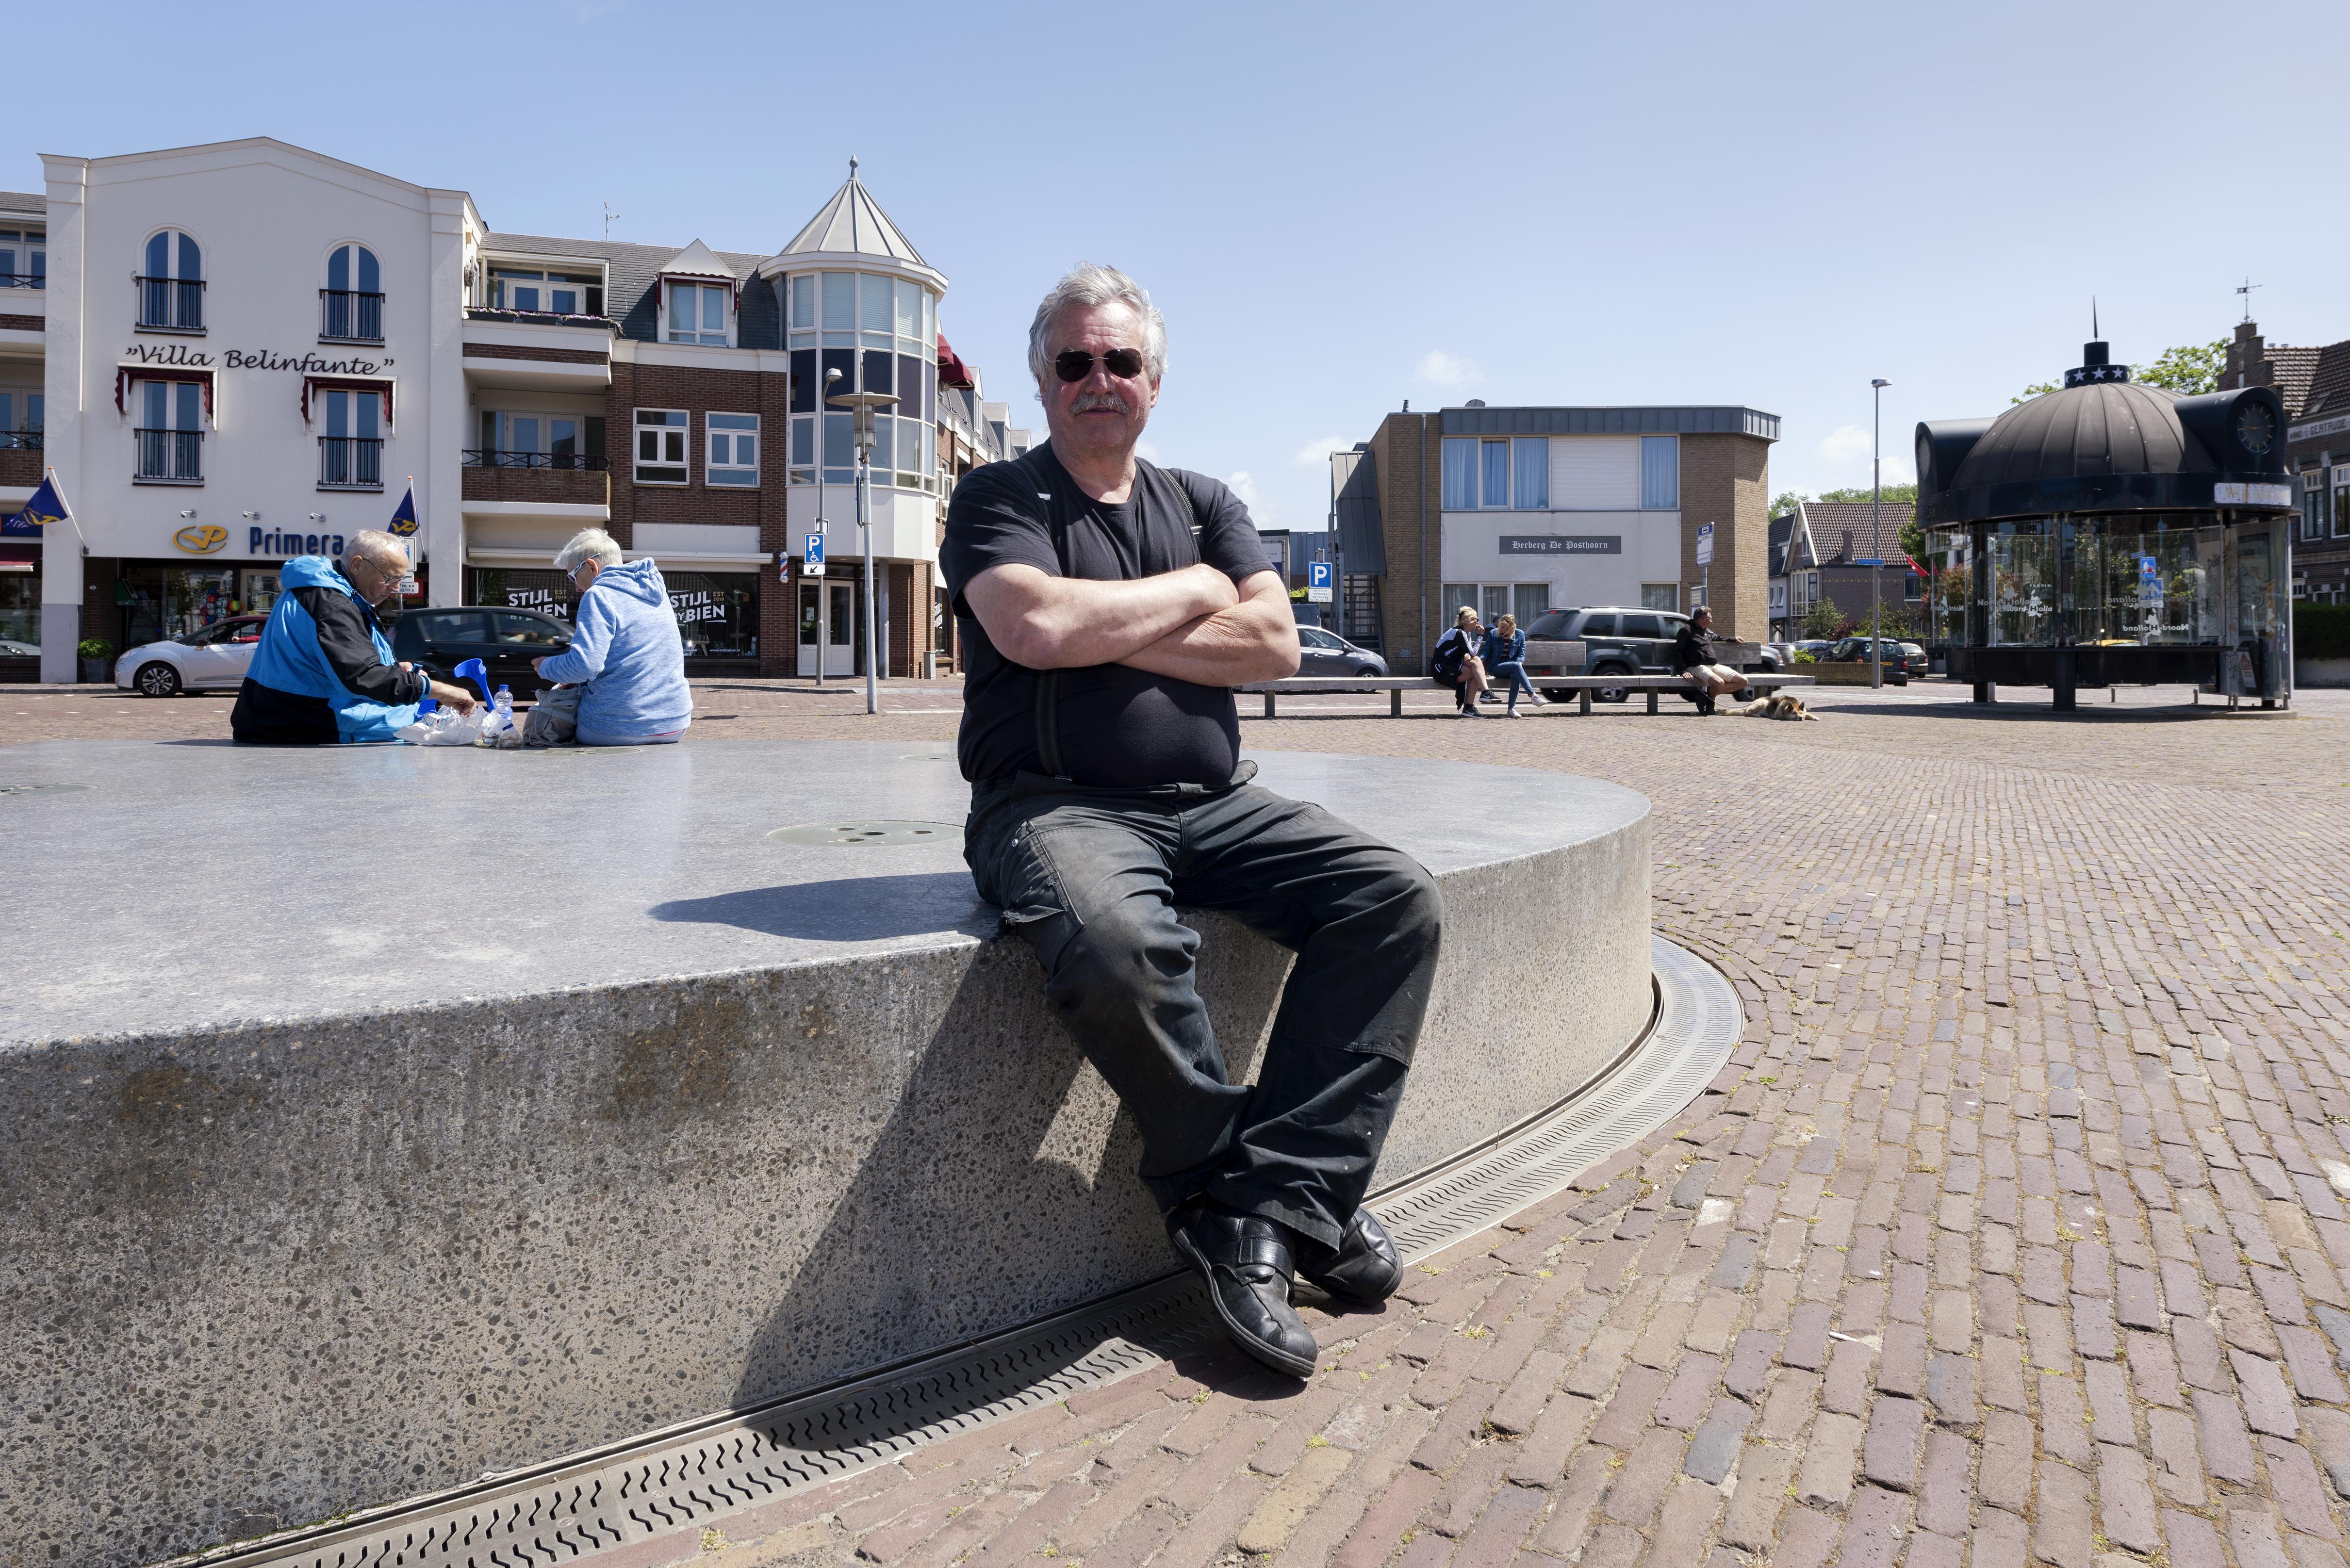 Uitbater viskraam Wijk aan Zee: 'Dagelijks leven aangenamer maken door coronalogisch denken'